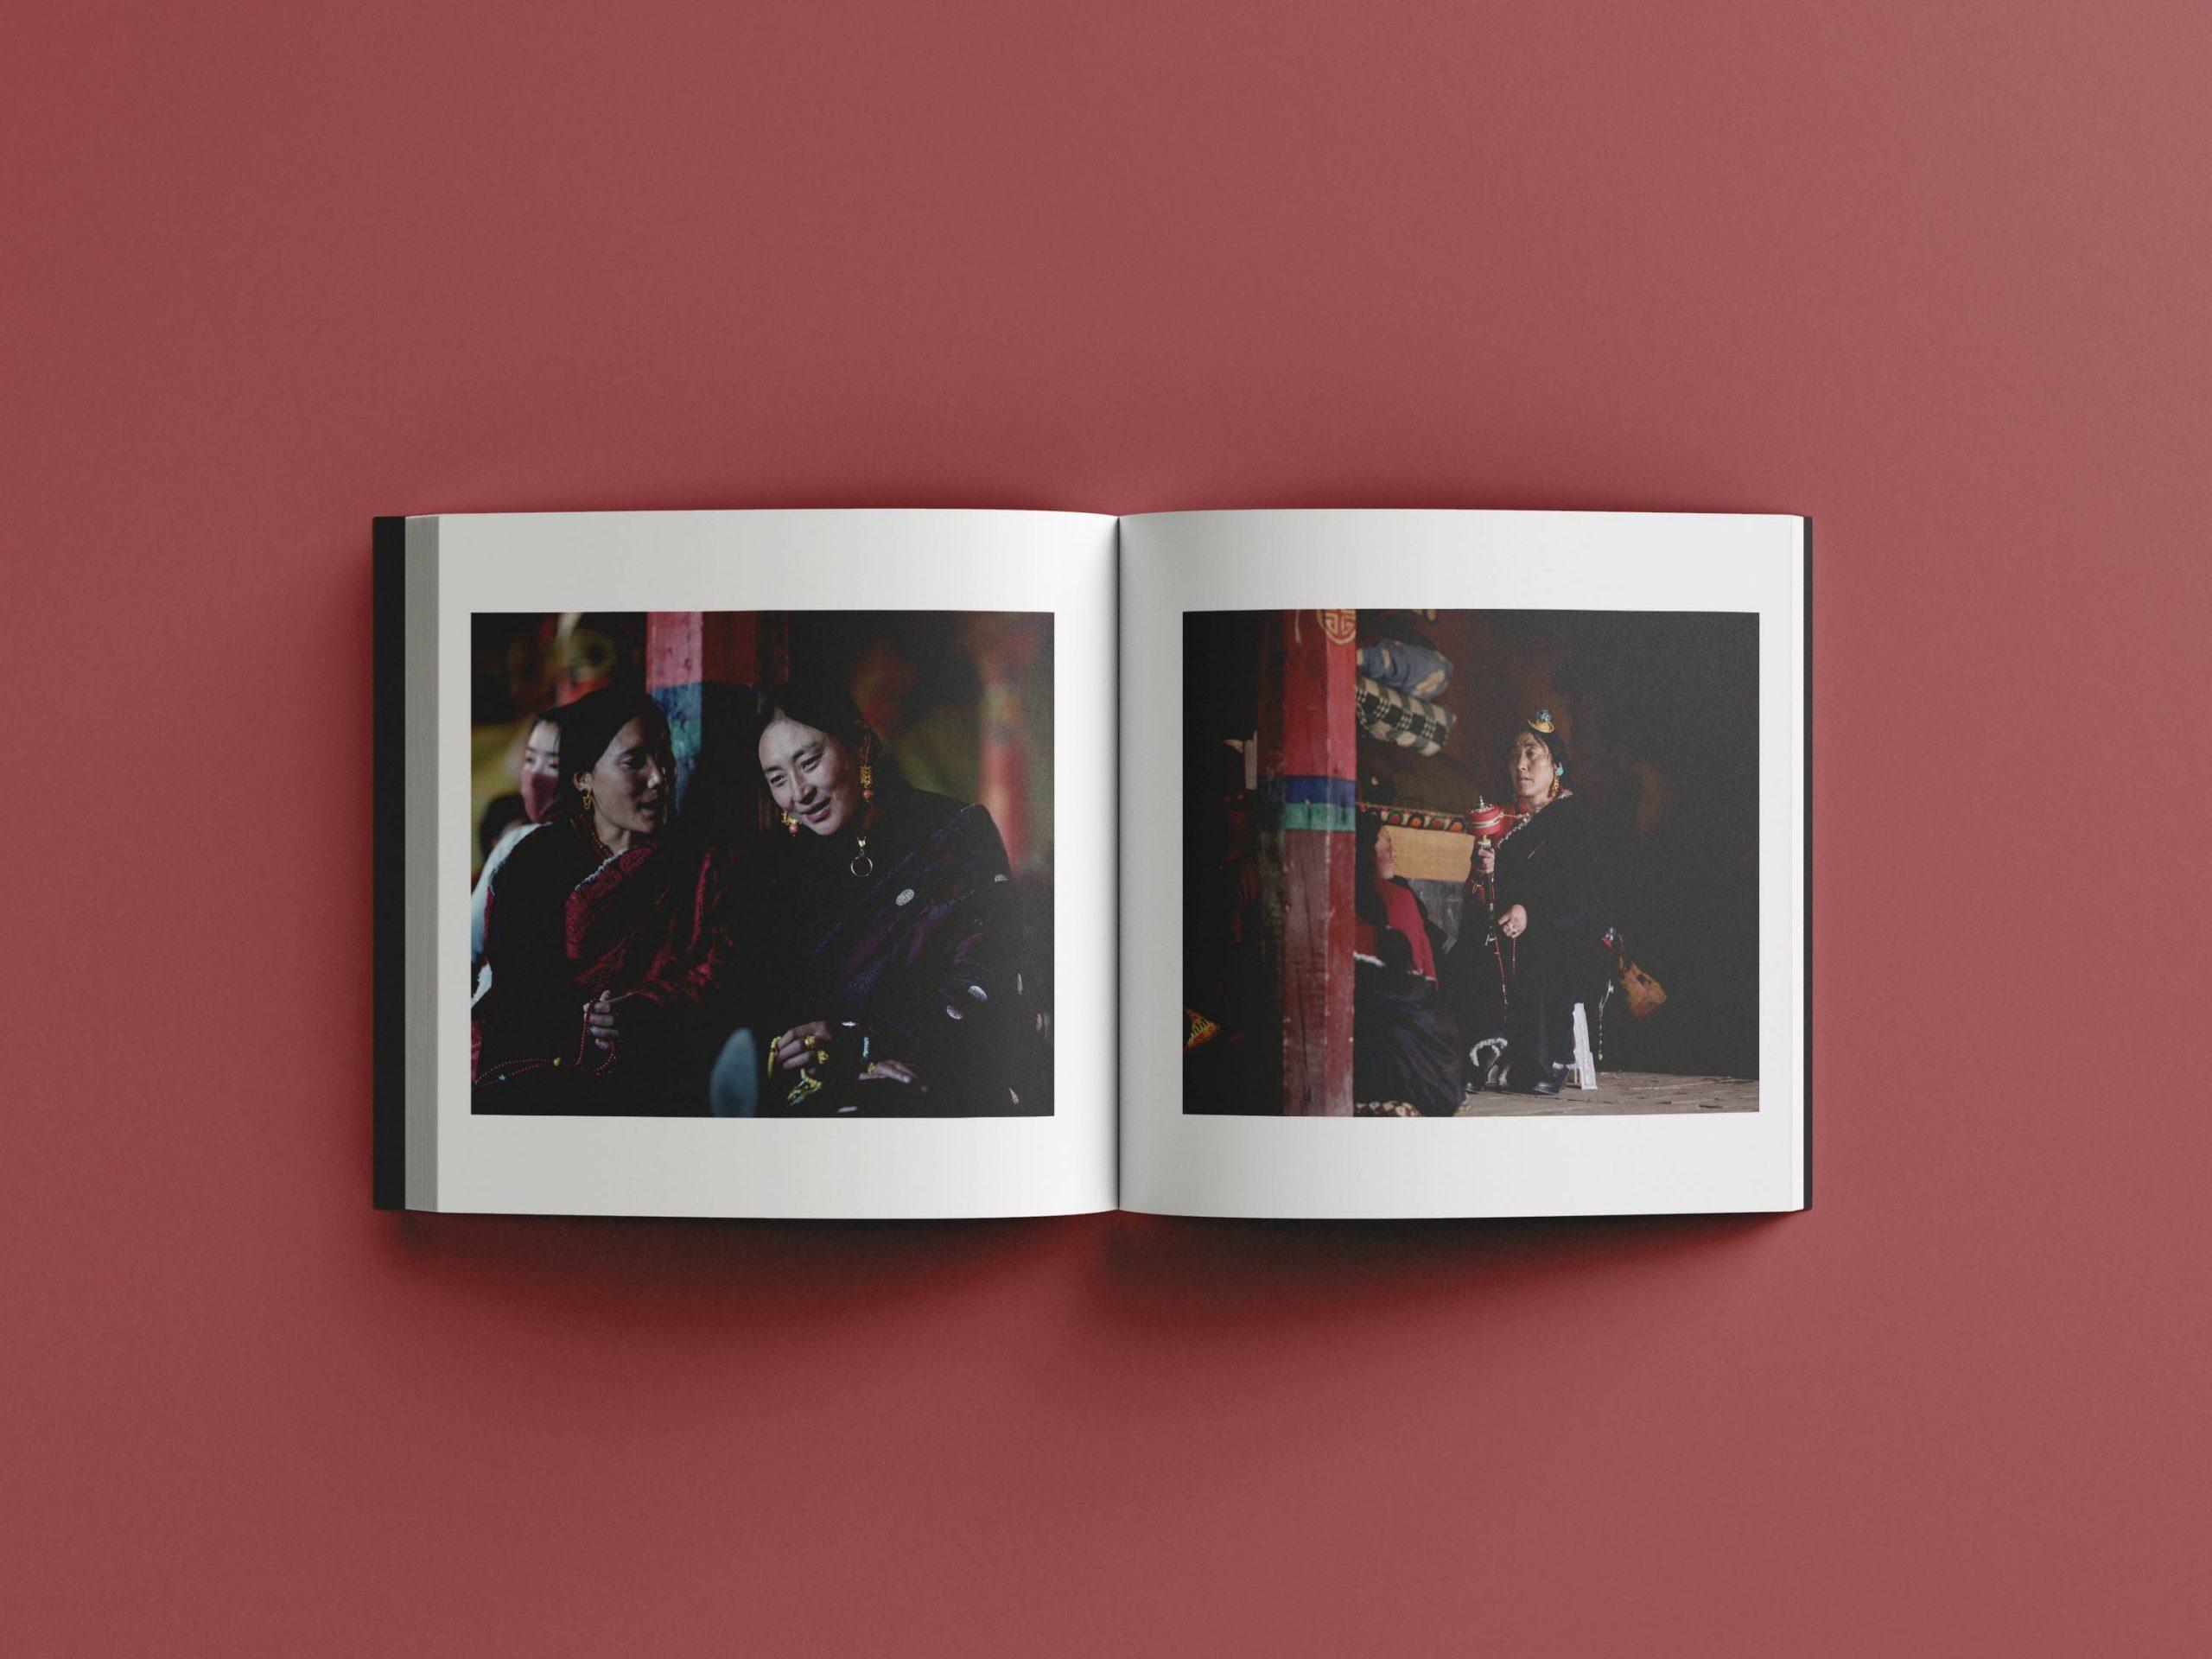 Jose Jeuland photography book Tibet Sichuan China Launch